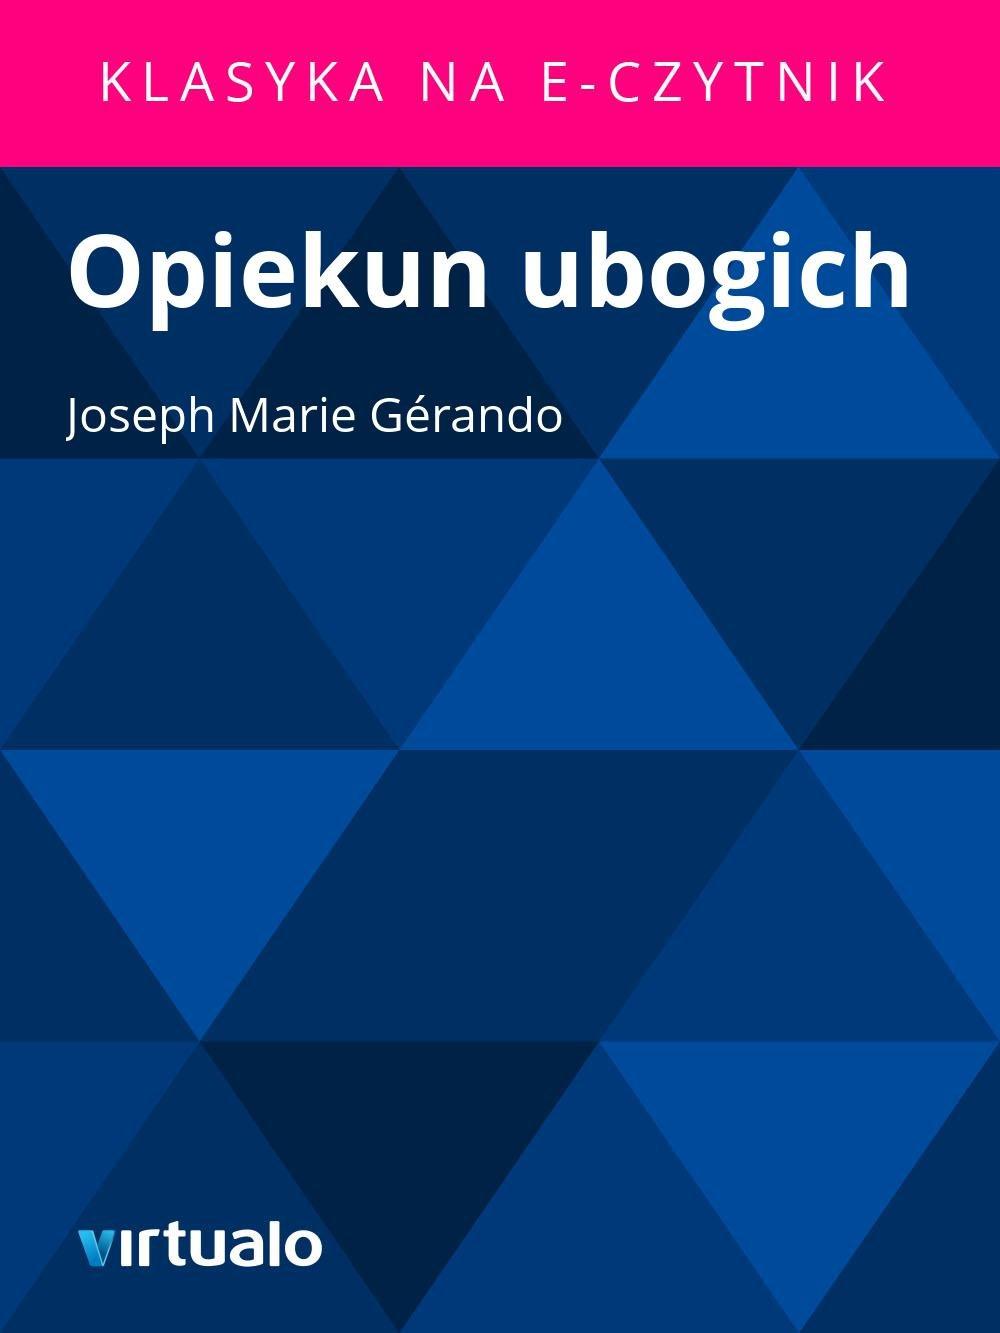 Opiekun ubogich - Ebook (Książka EPUB) do pobrania w formacie EPUB